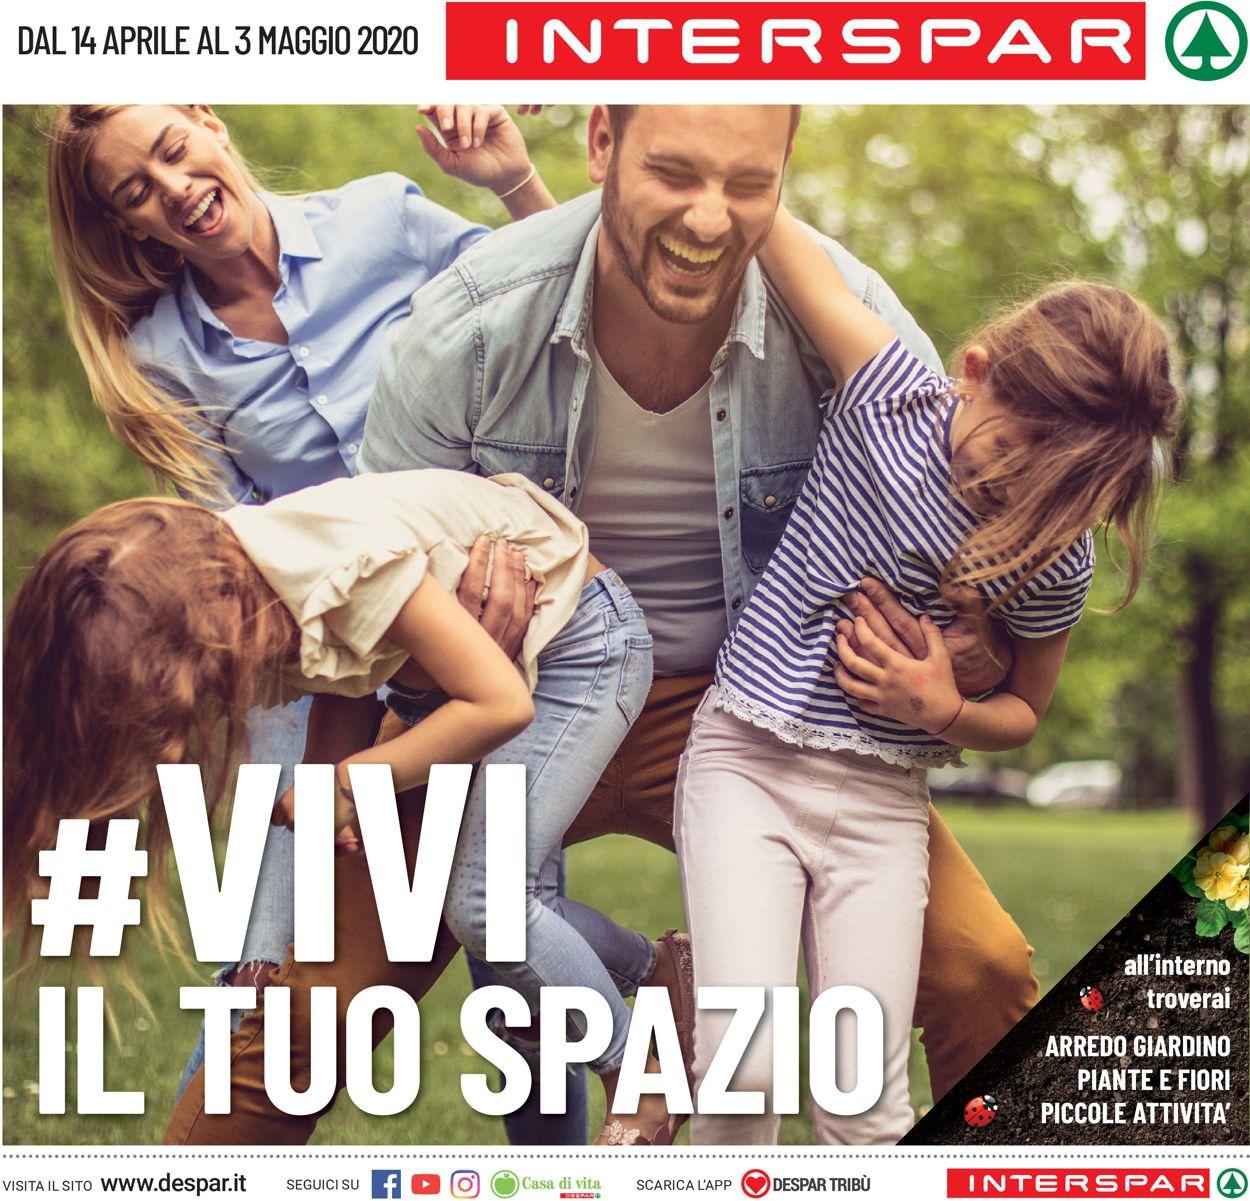 Volantino Despar - Offerte 14/04-03/05/2020